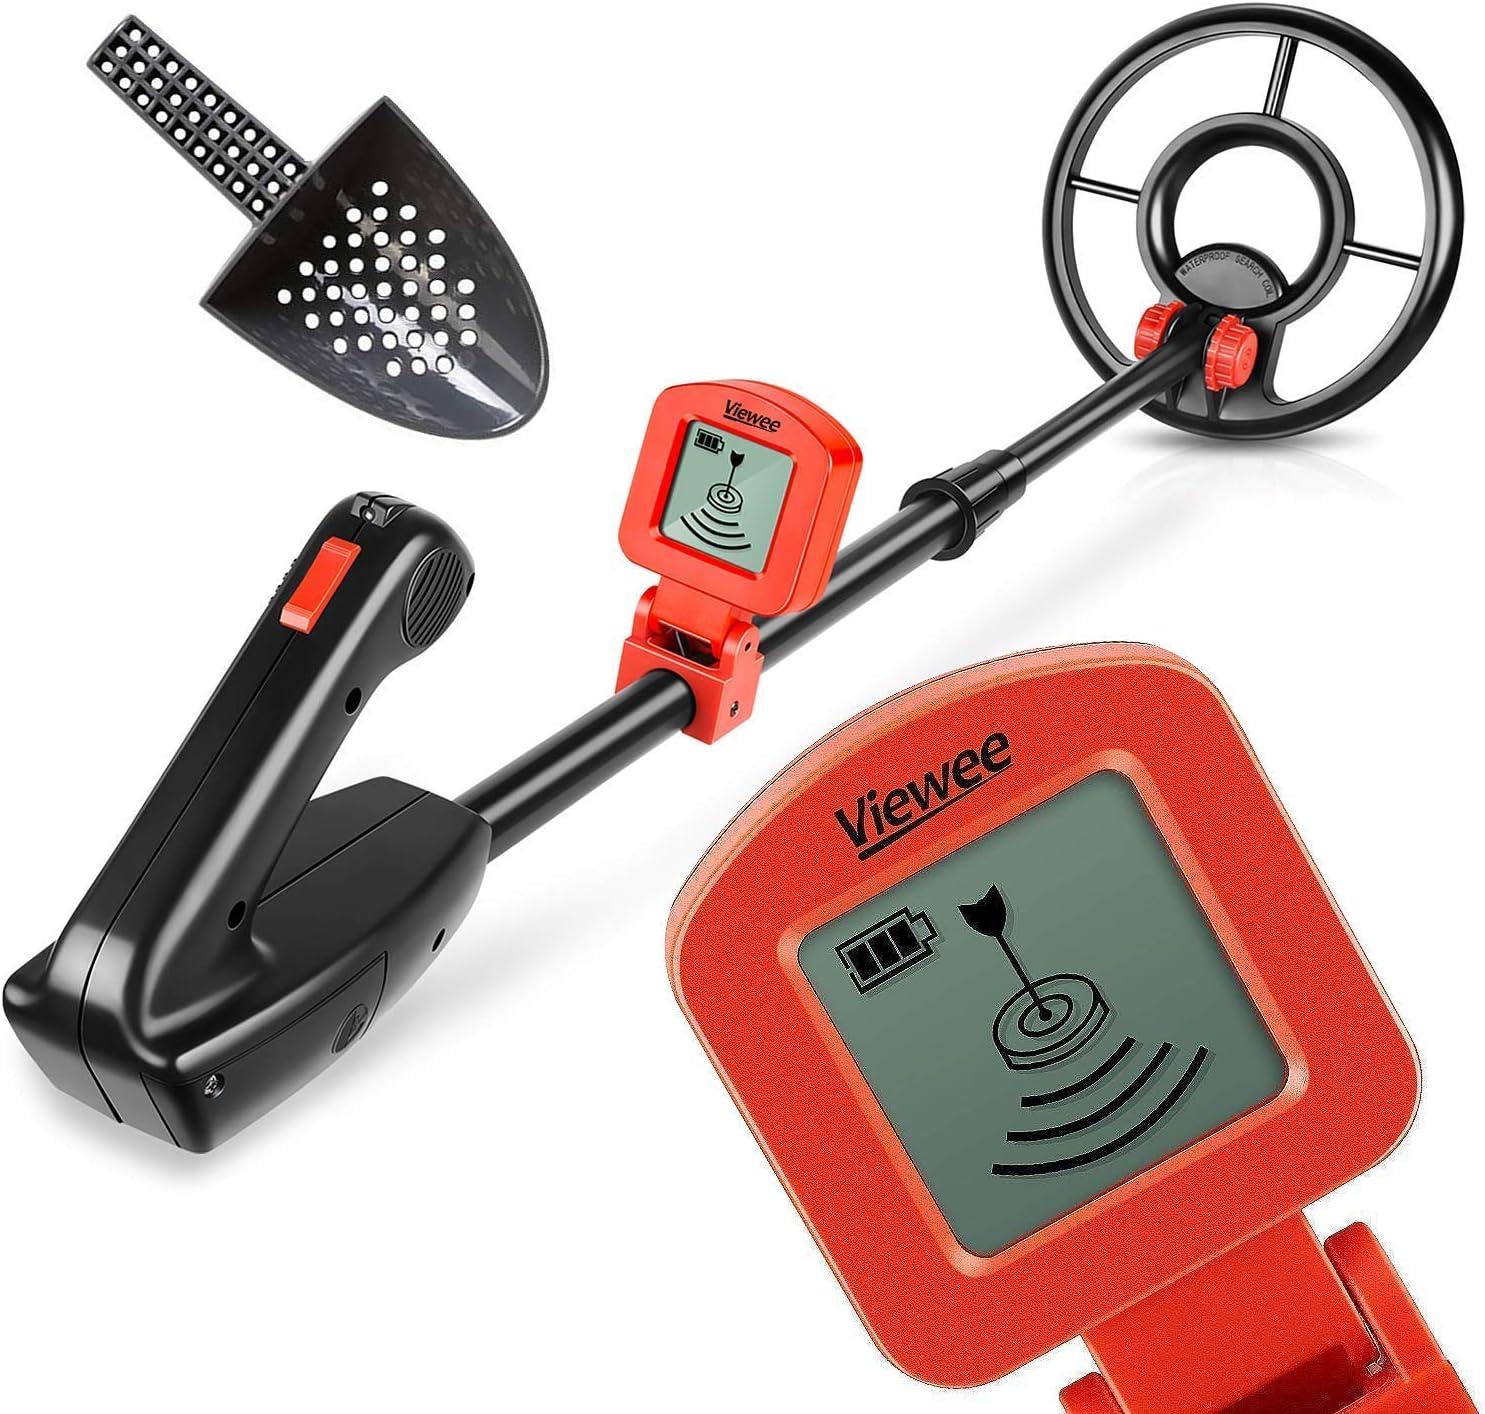 Viewee Metal Detector for Kids